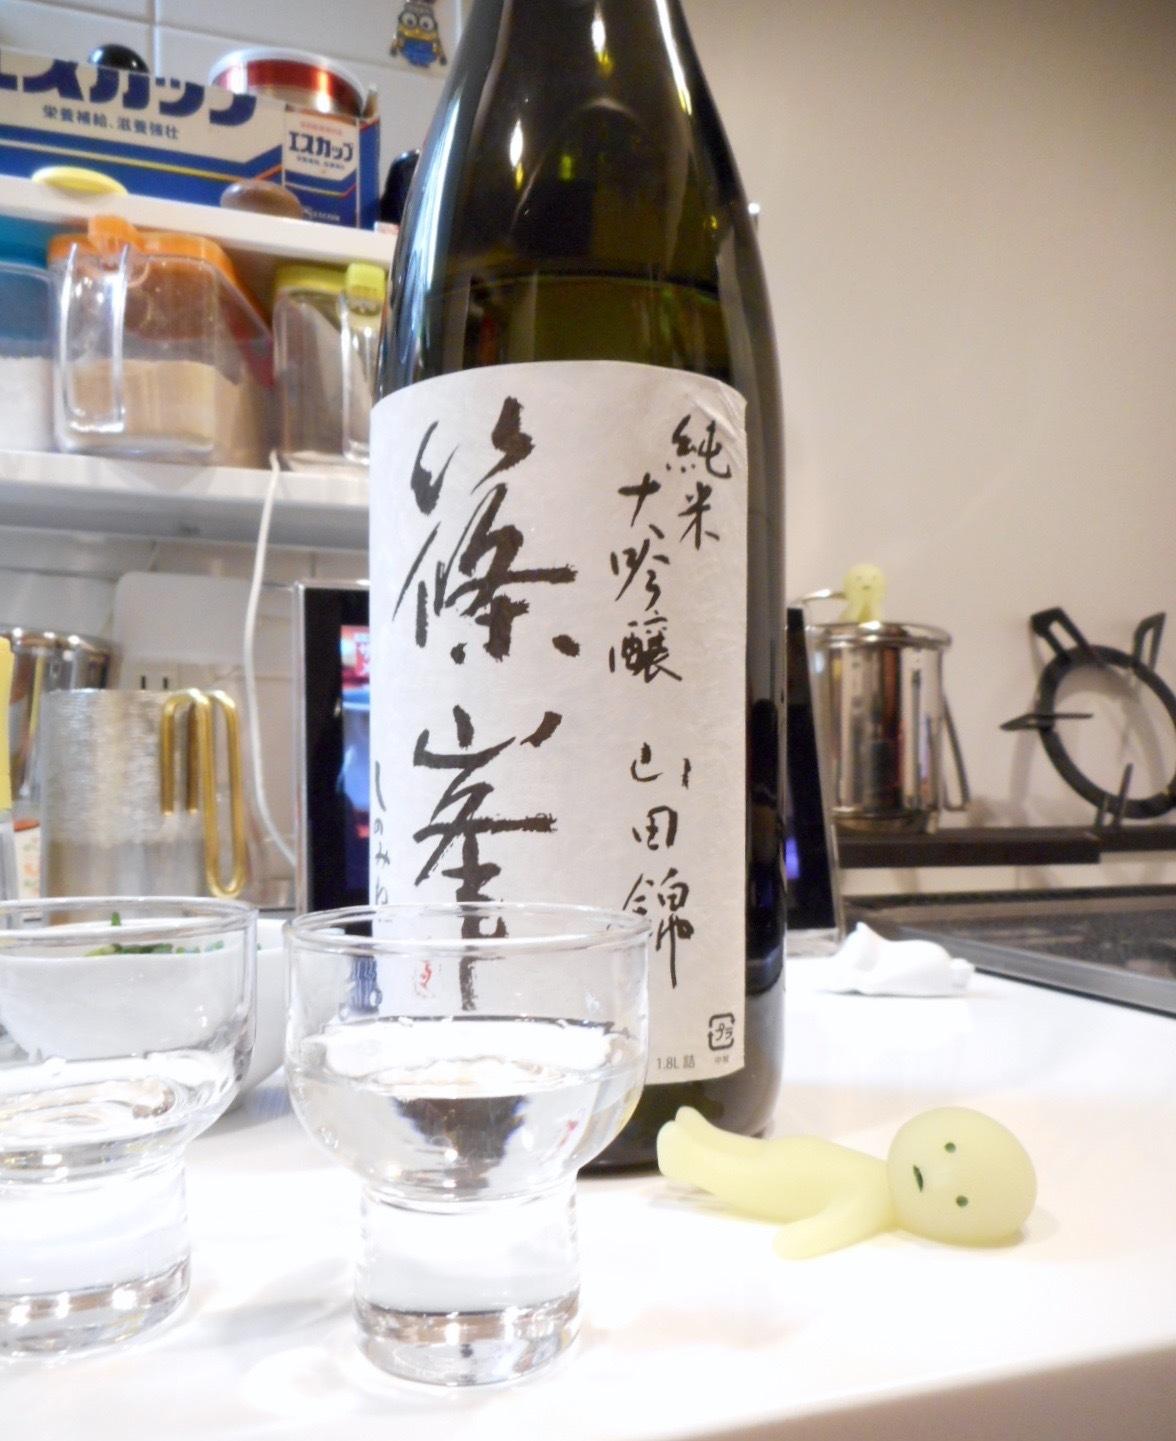 shinomine_jundai_yamada26by6.jpg